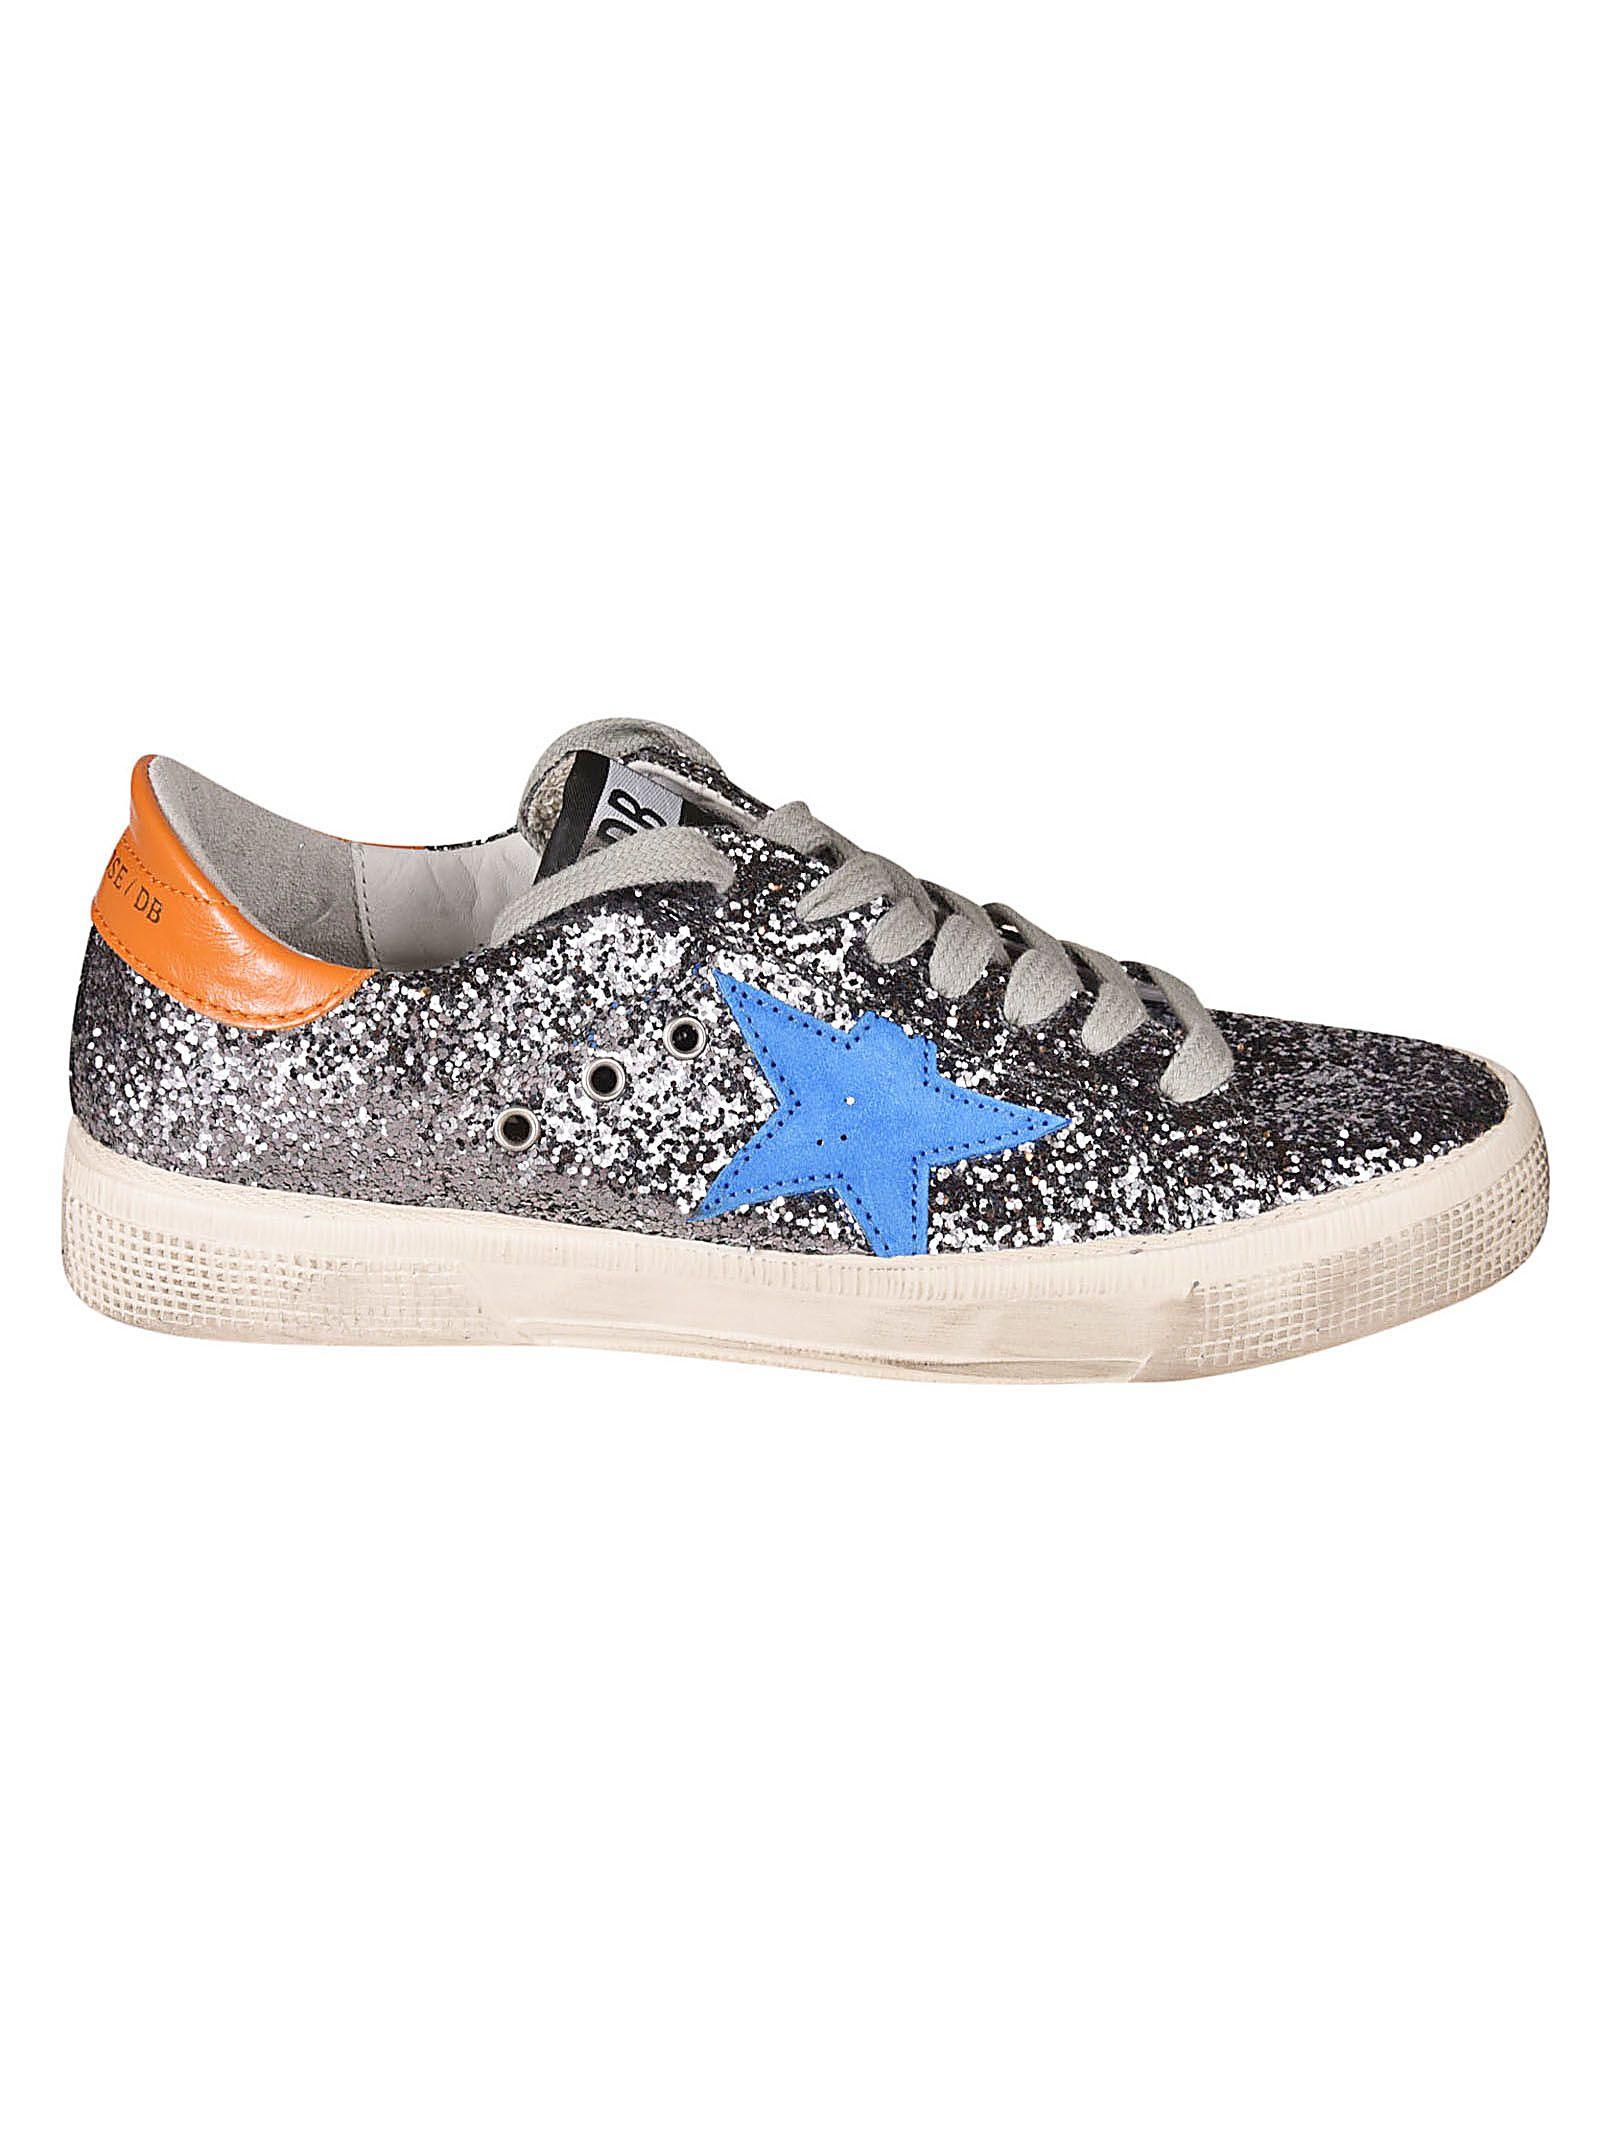 Golden Goose Deluxe Brand Superstar Glitter Coated Sneakers